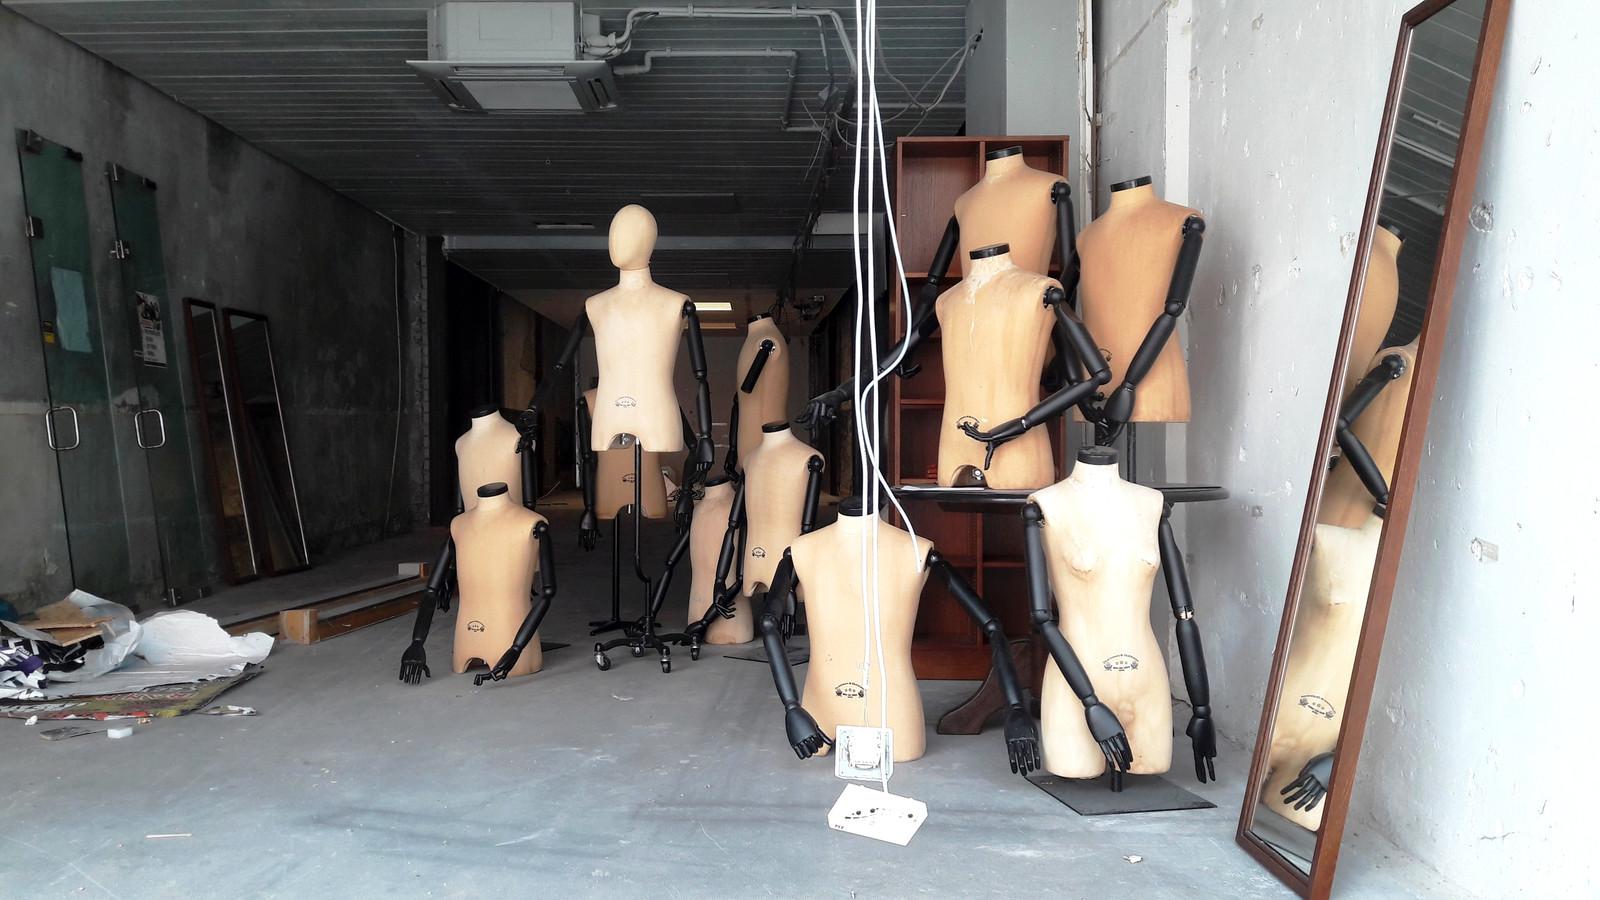 Deze kledingwinkel heeft het ook niet gered.